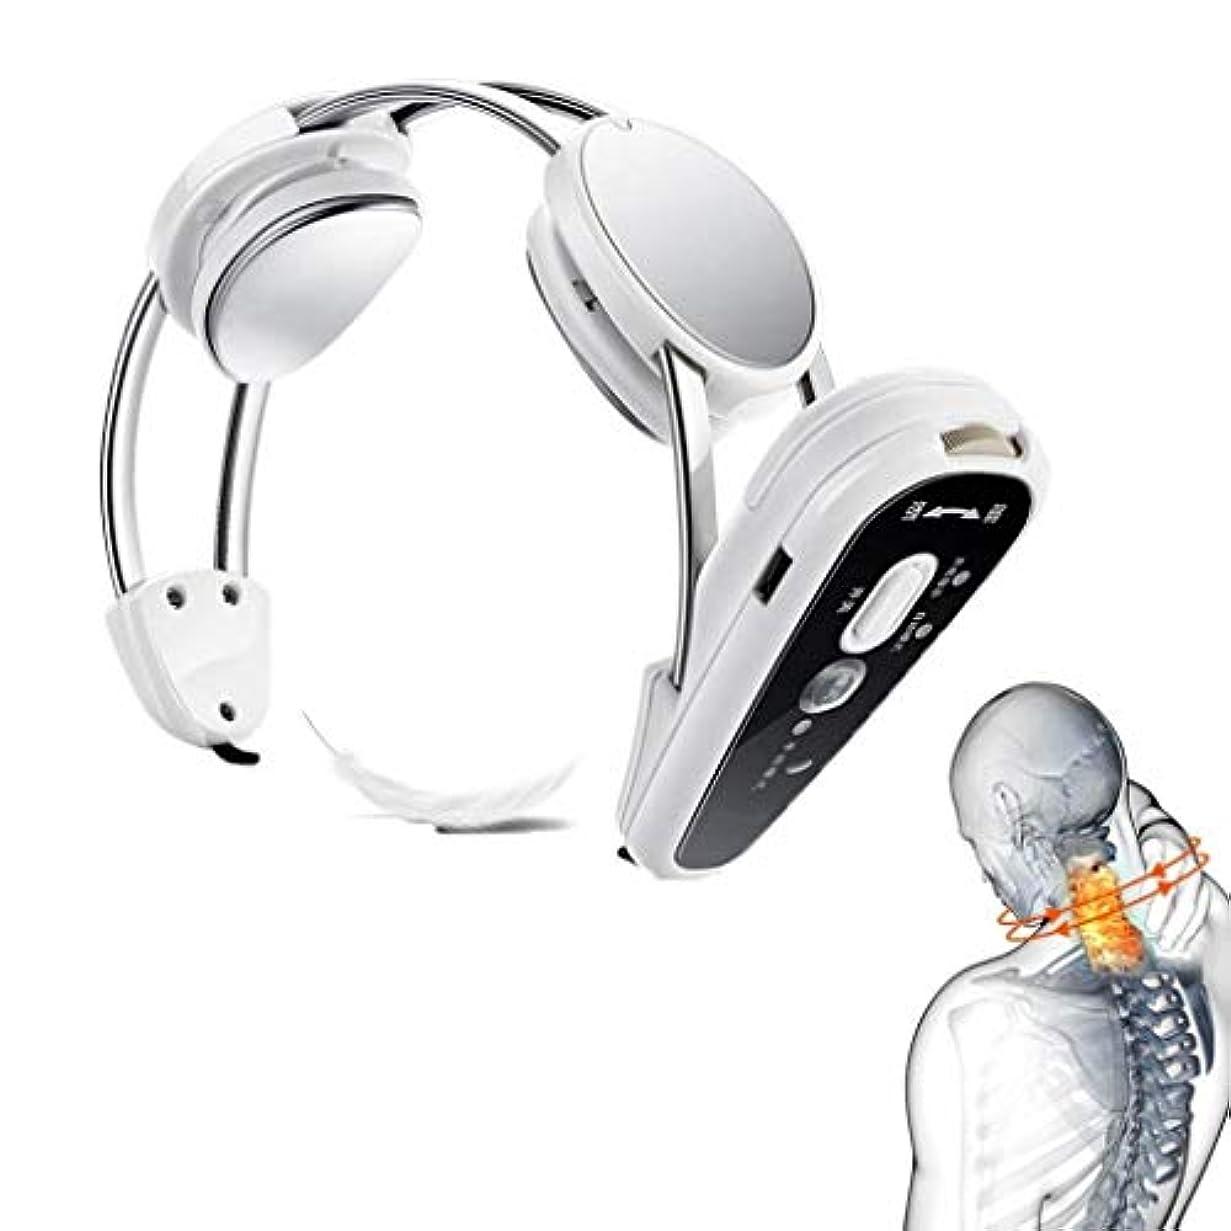 待つラビリンス比喩熱くするUSB??充満の電気首のマッサージャーは筋肉痛を取り除き、慢性的な首の苦痛を取り除きます、家、オフィス/車/家のポータブル